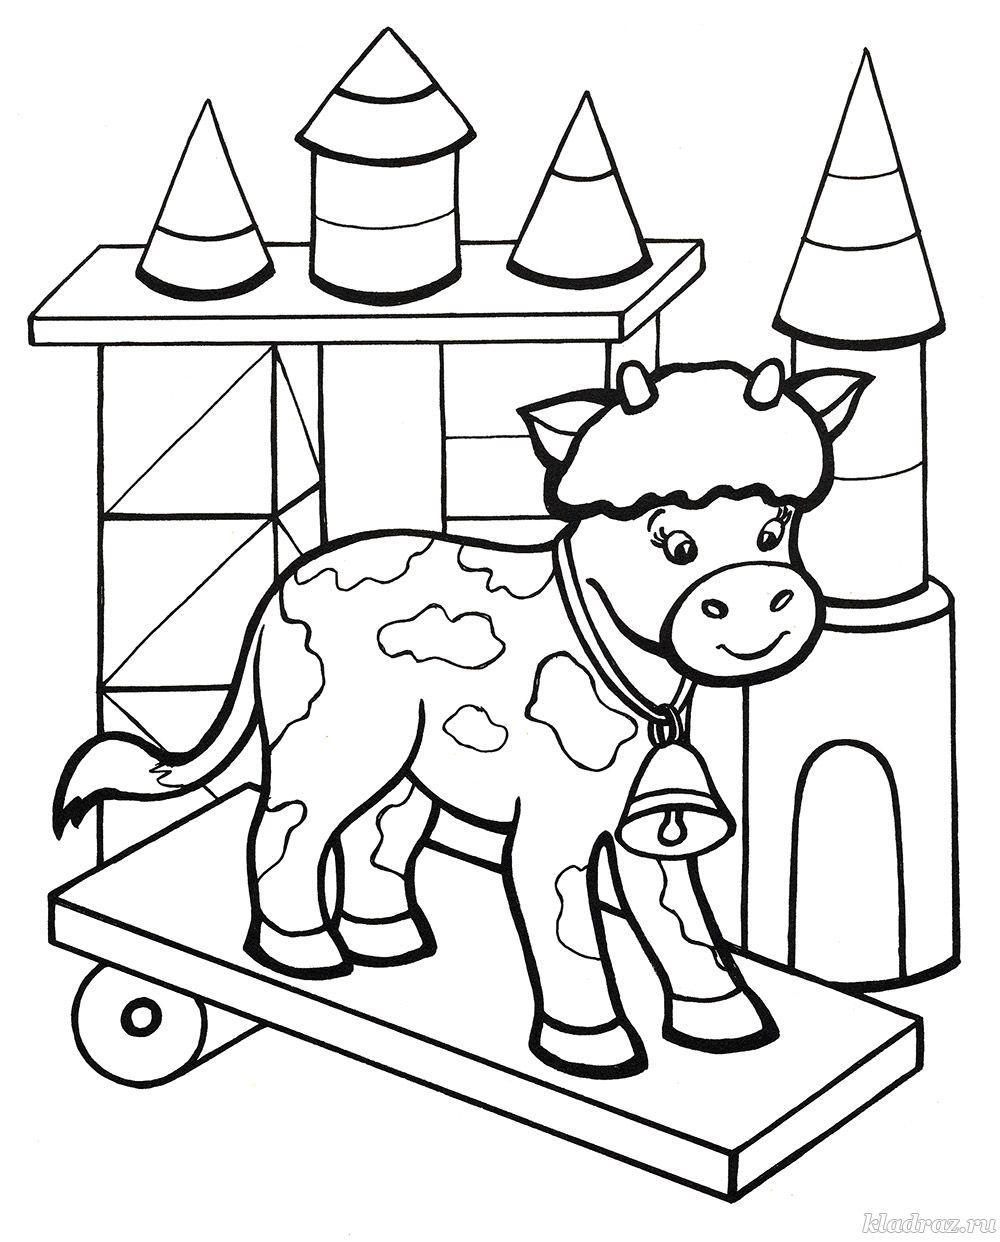 Раскраска для детей 3-5 лет. Игрушки